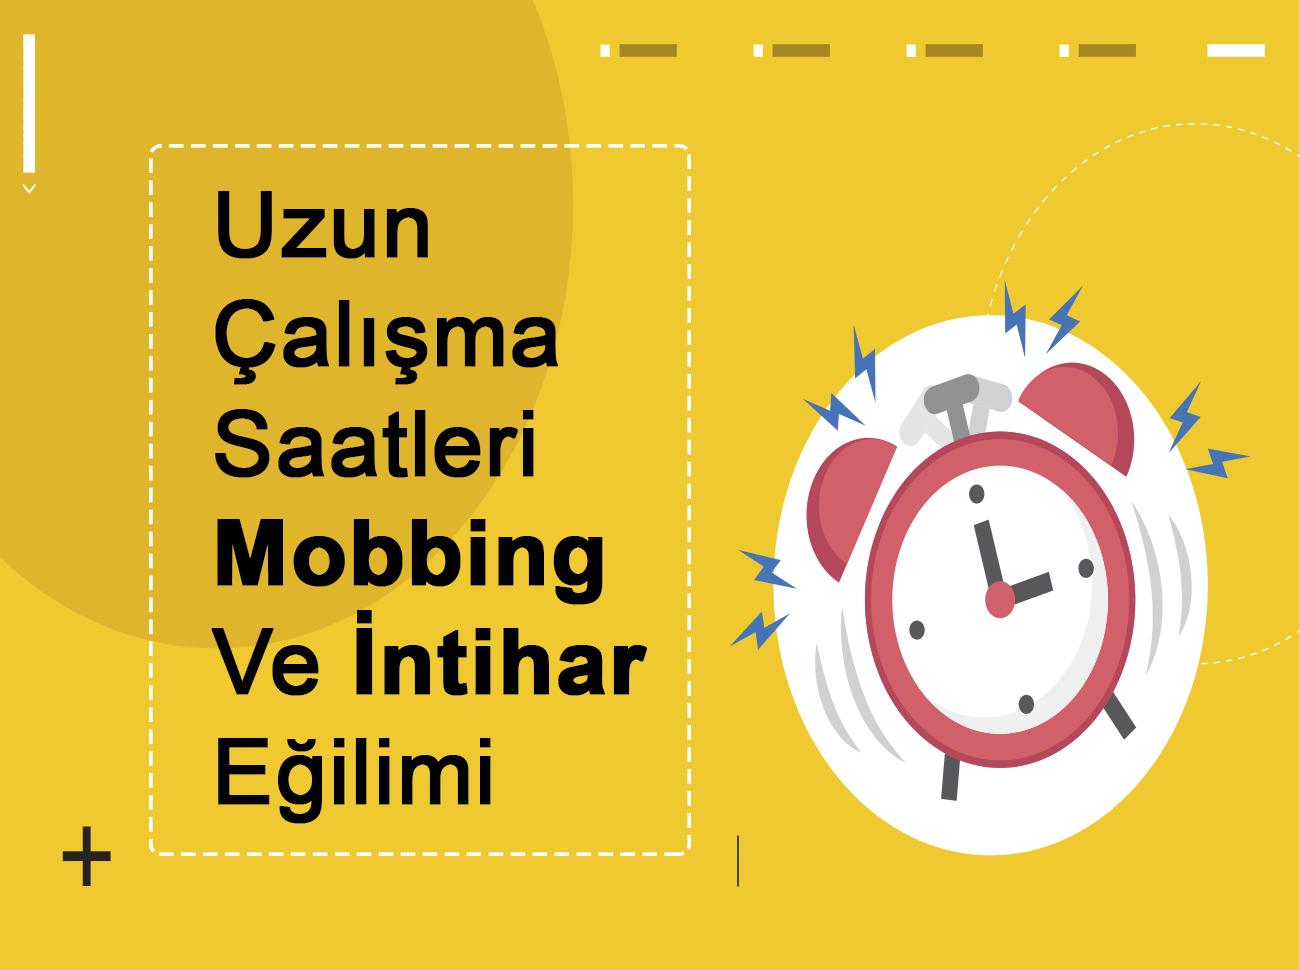 Türkiye'de Uzun Çalışma Saatleri Mobbing Ve İntihar Eğilimi